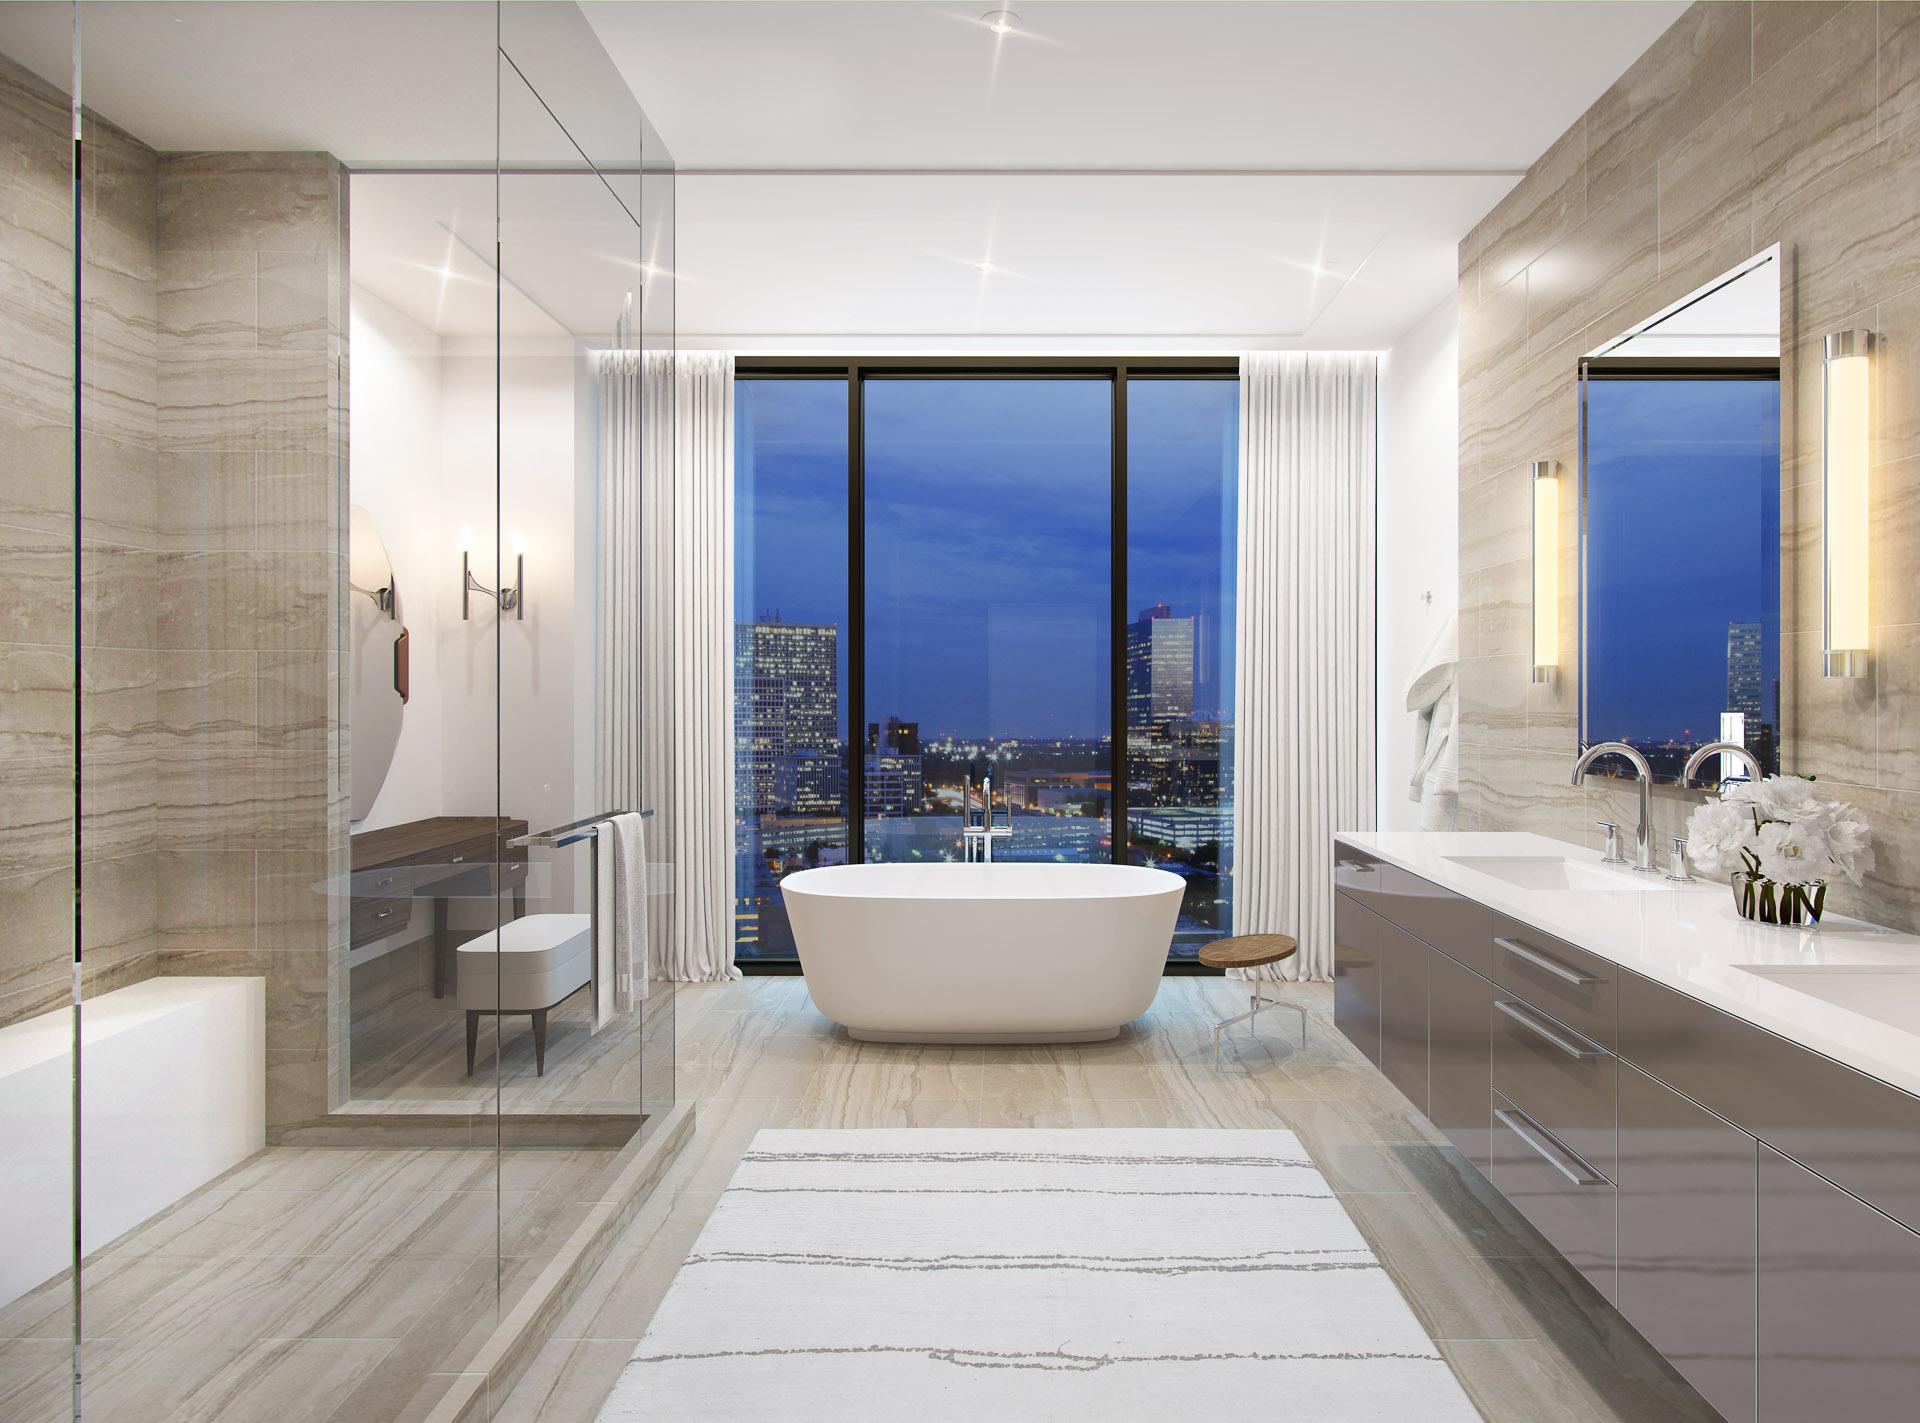 River_Oaks_Bathroom_1_HD2